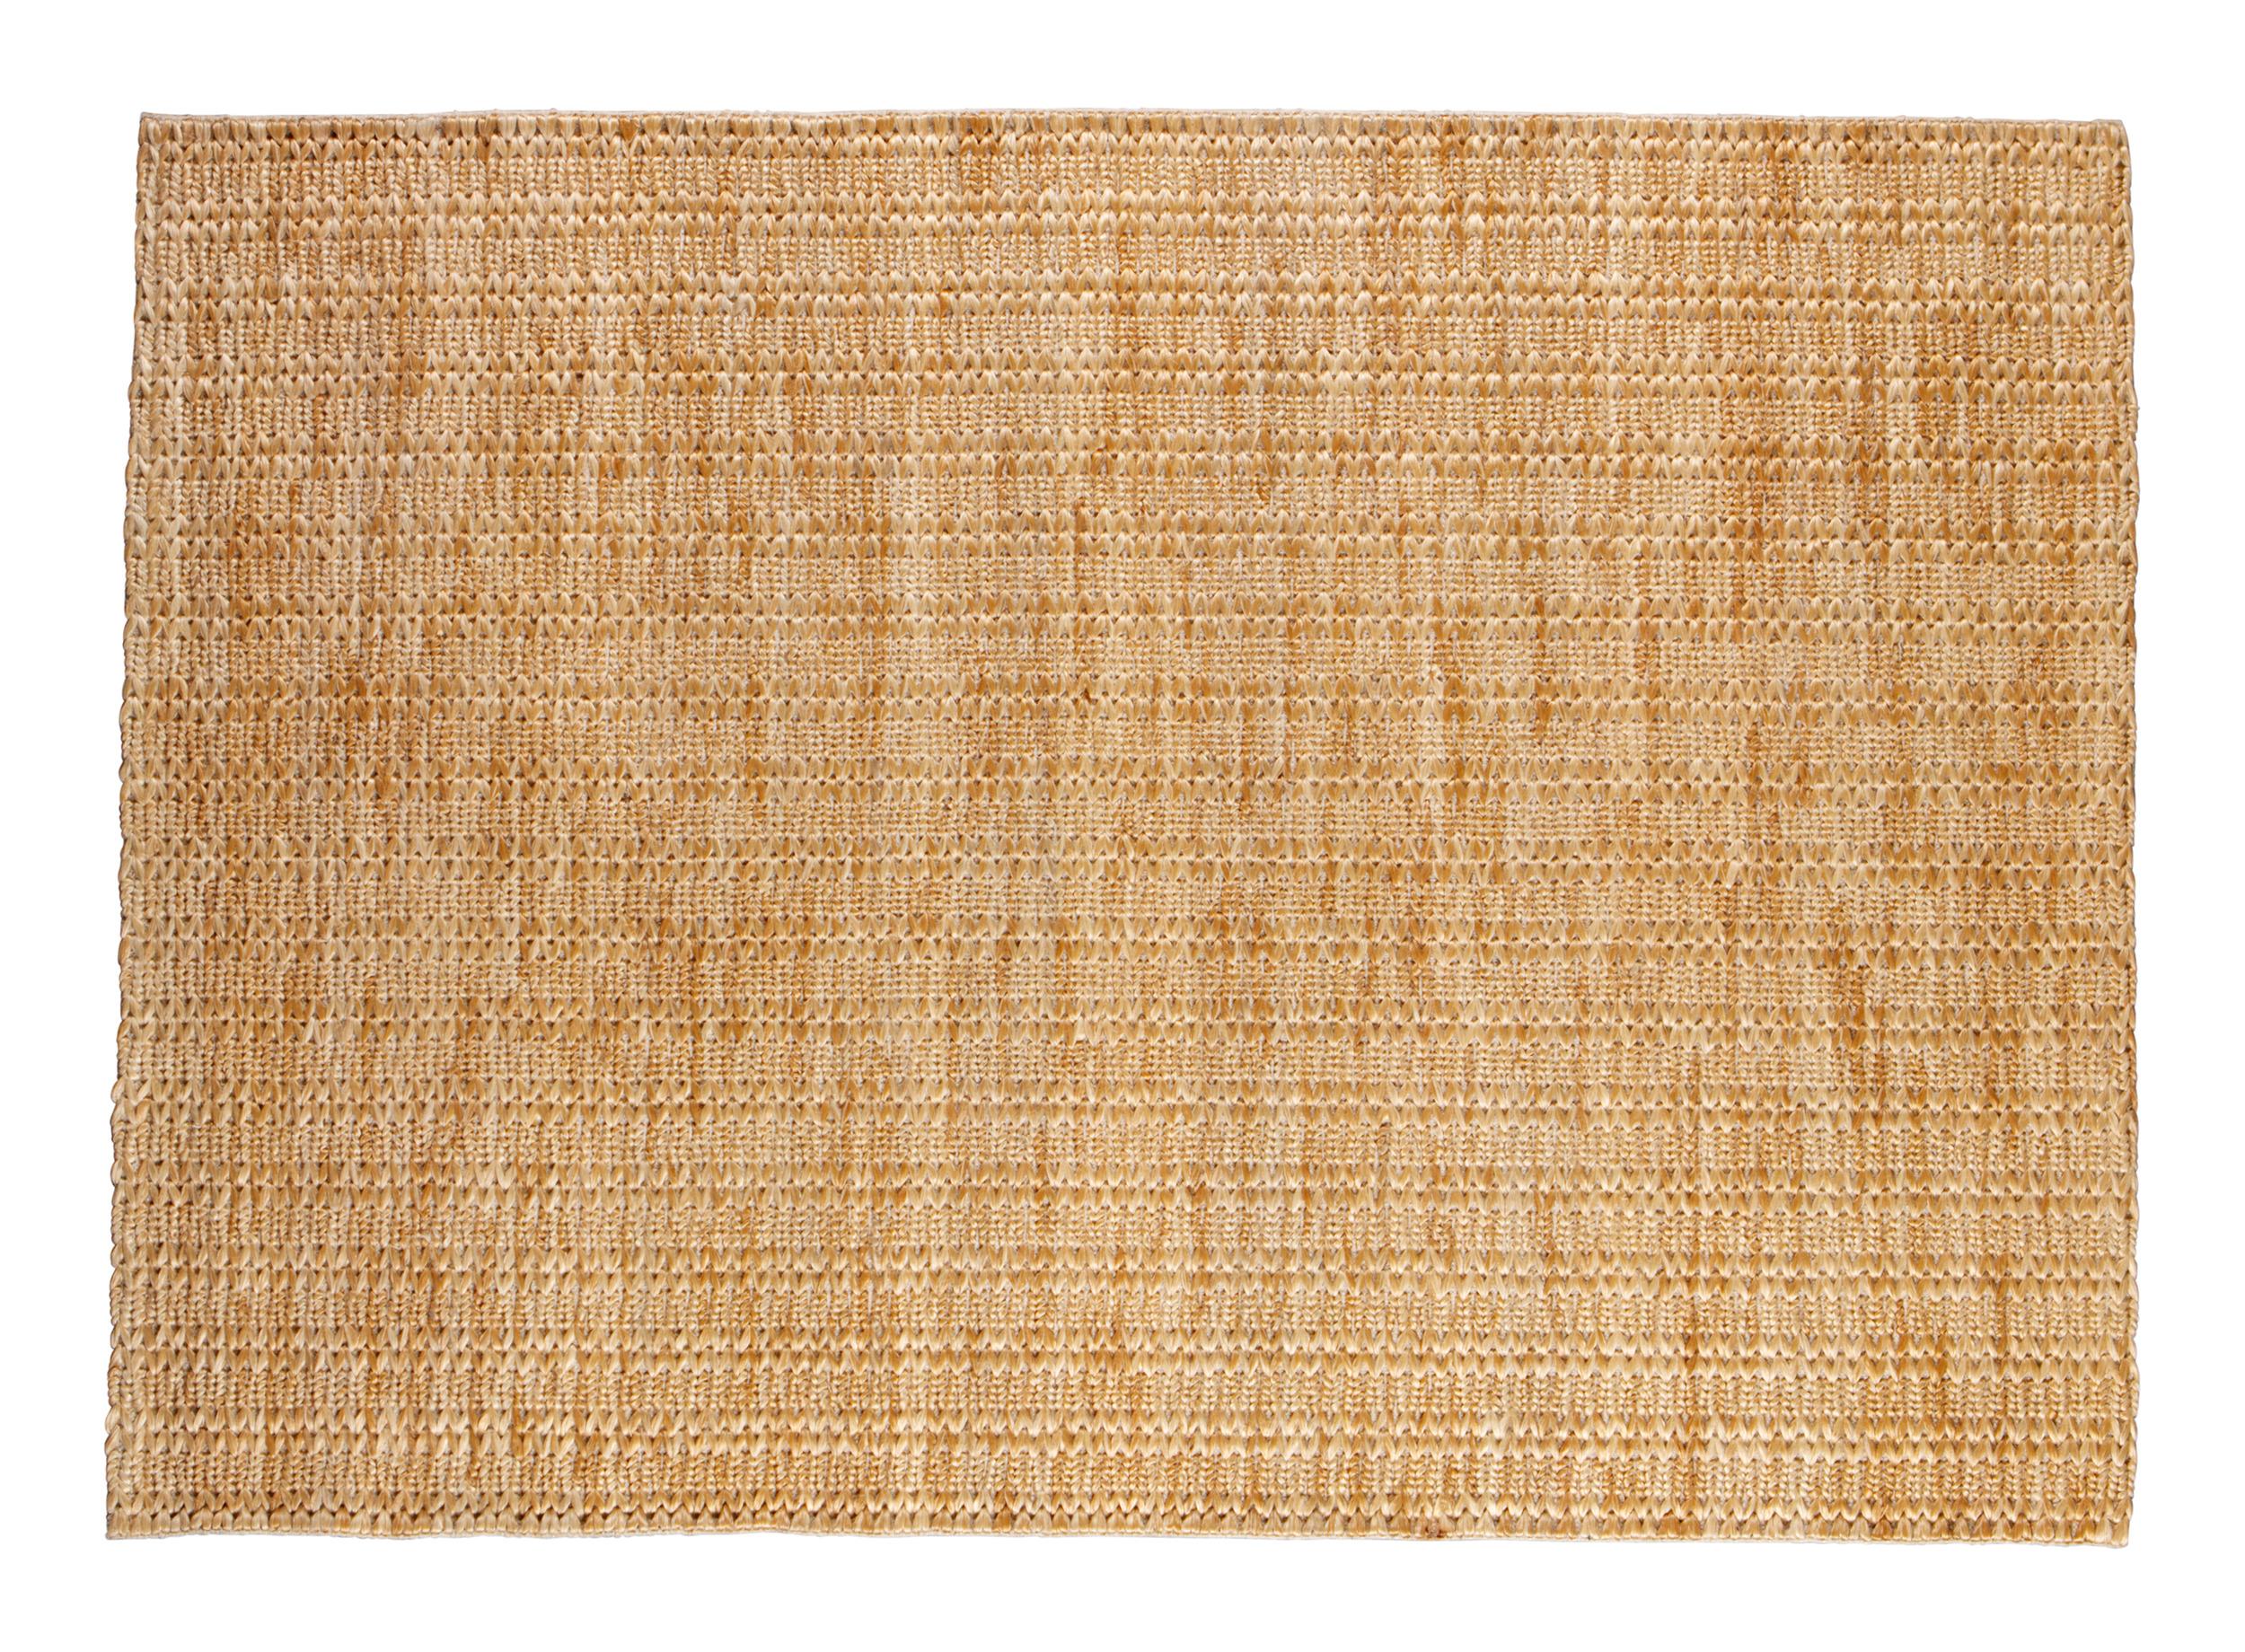 BePureHome Vloerkleed 'Scenes' 170 x 240 cm, kleur Naturel Woonaccessoires   Vloerkleden kopen